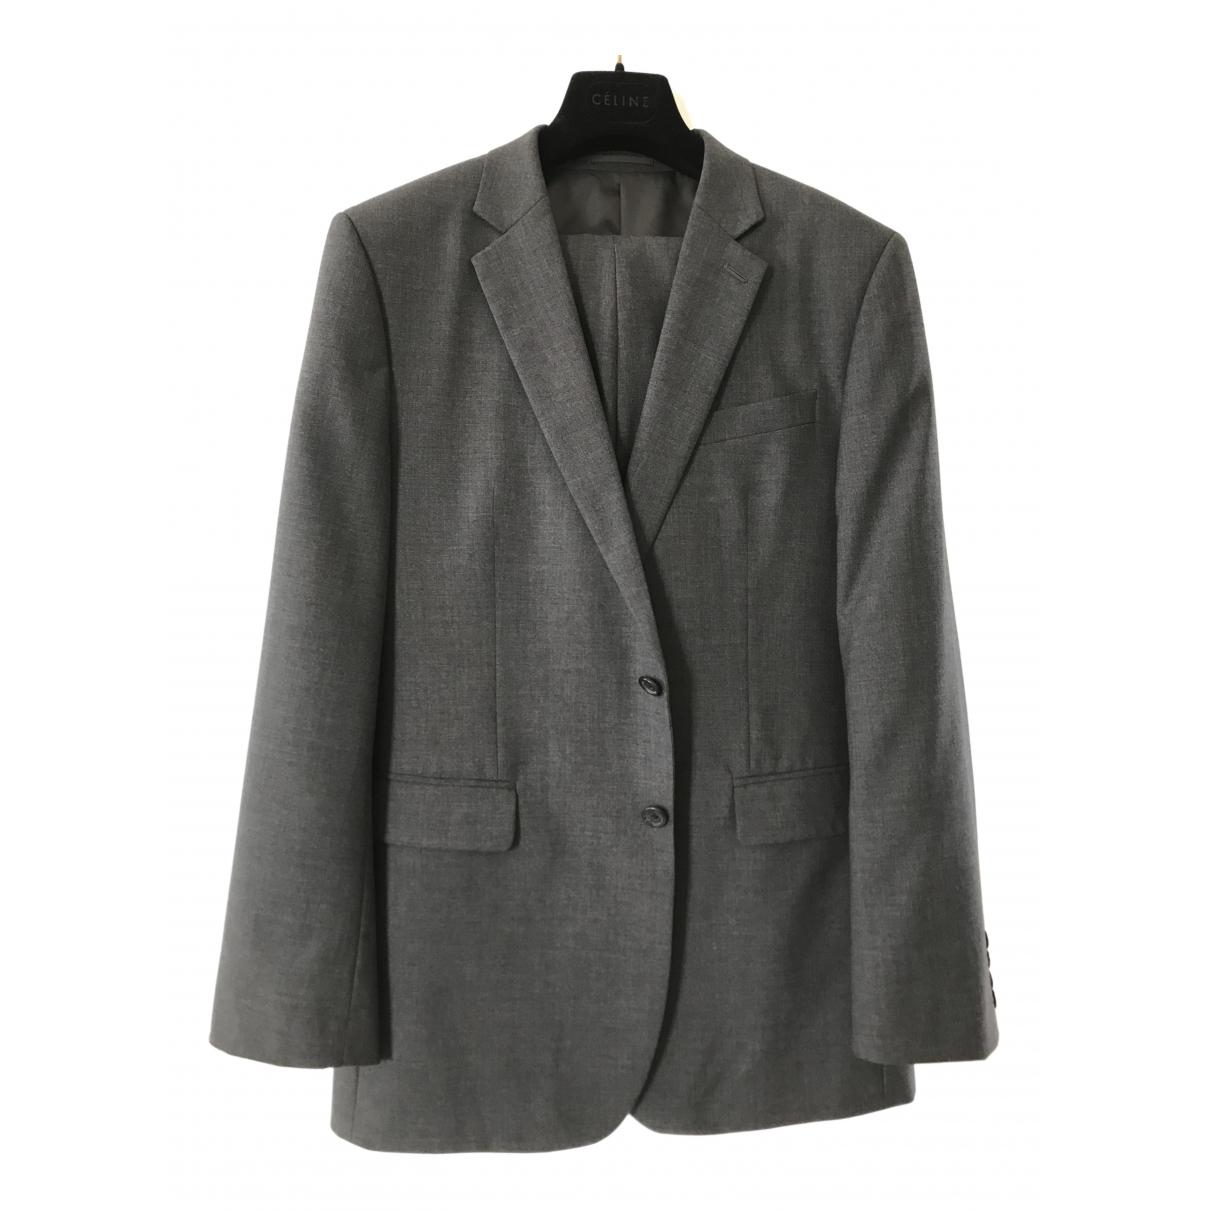 Jaeger - Costumes   pour homme en laine - anthracite